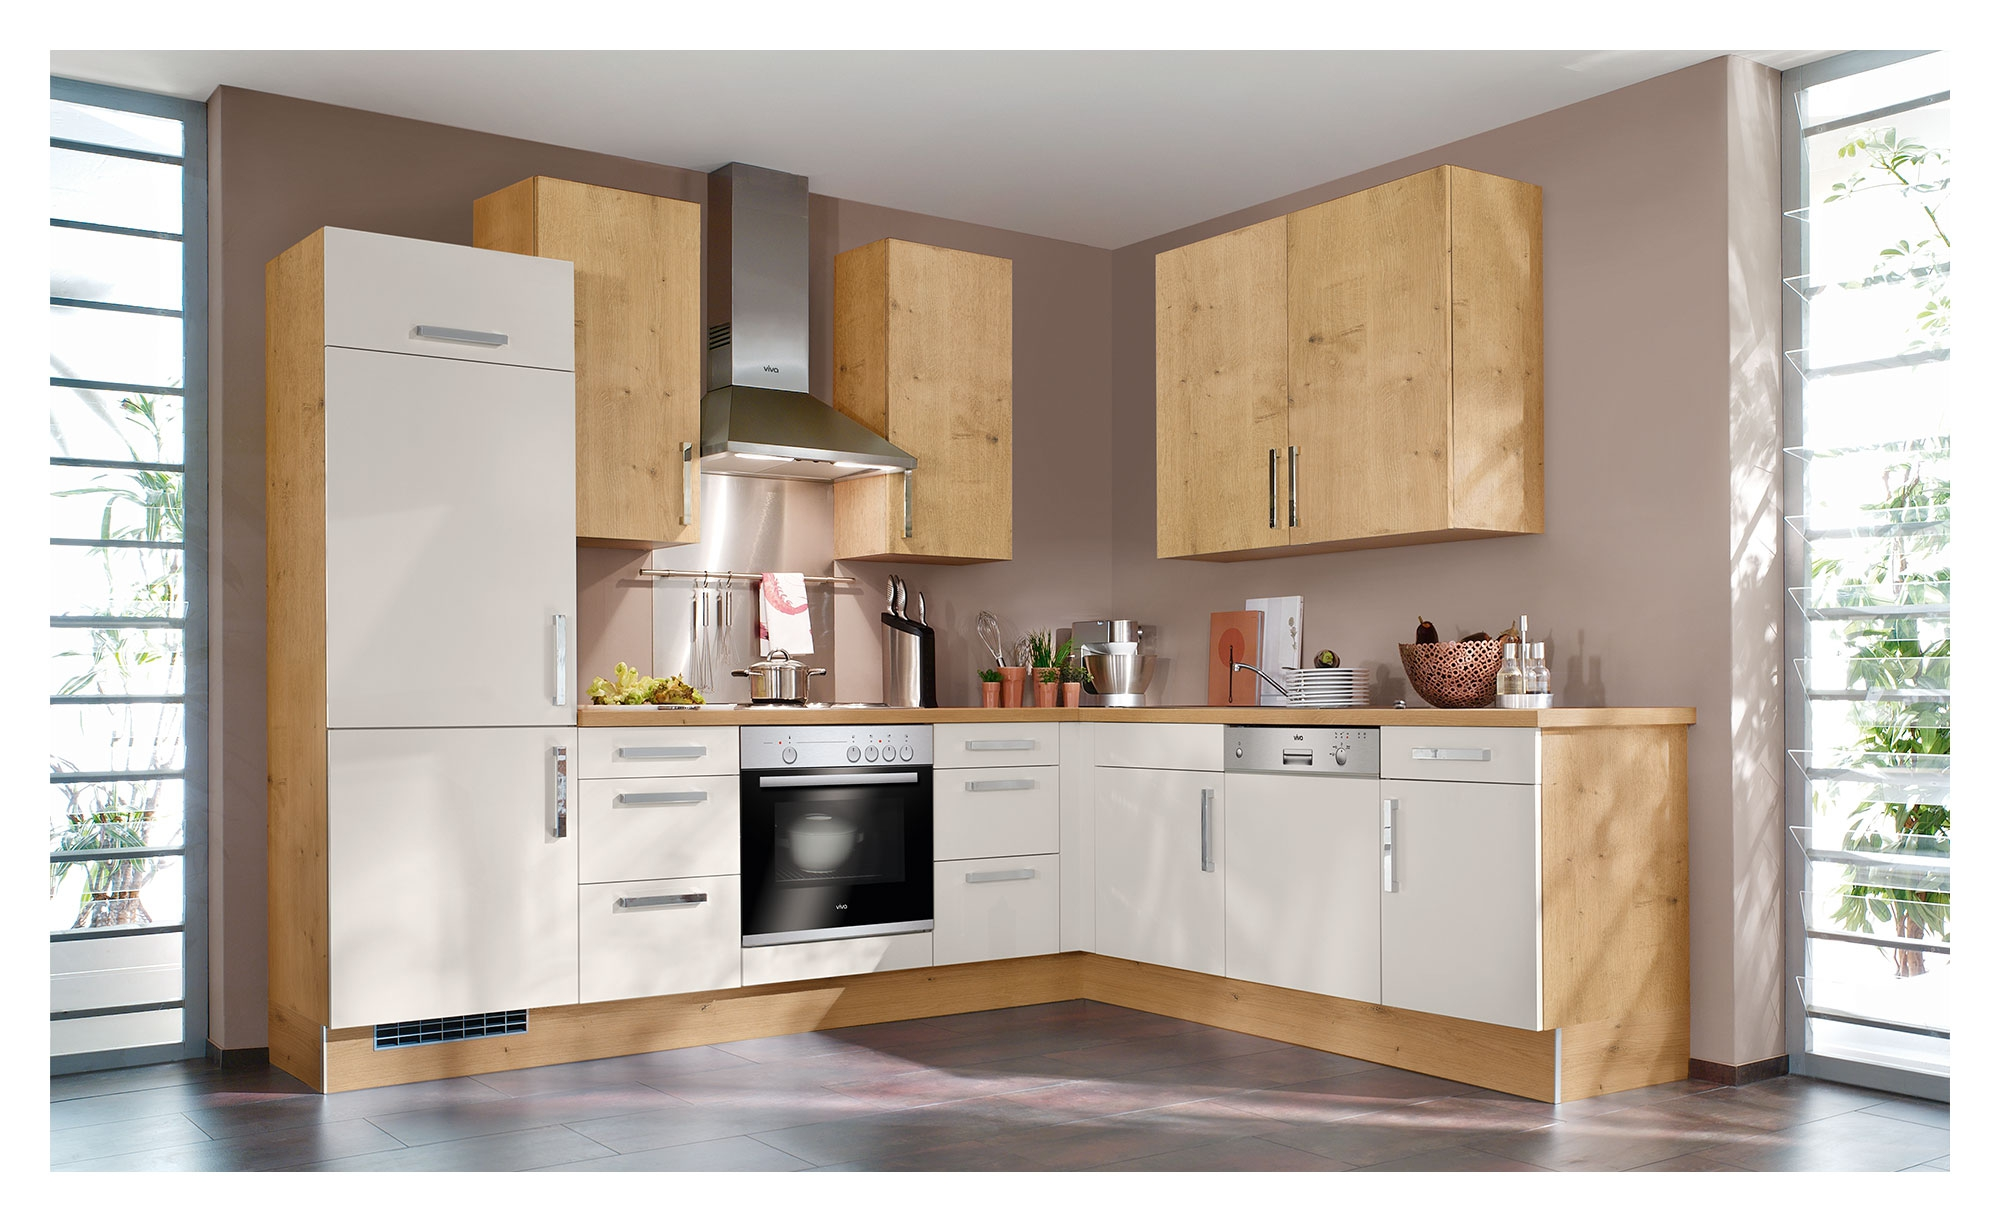 Nolte Winkelküche – bei Möbel Heinrich kaufen!